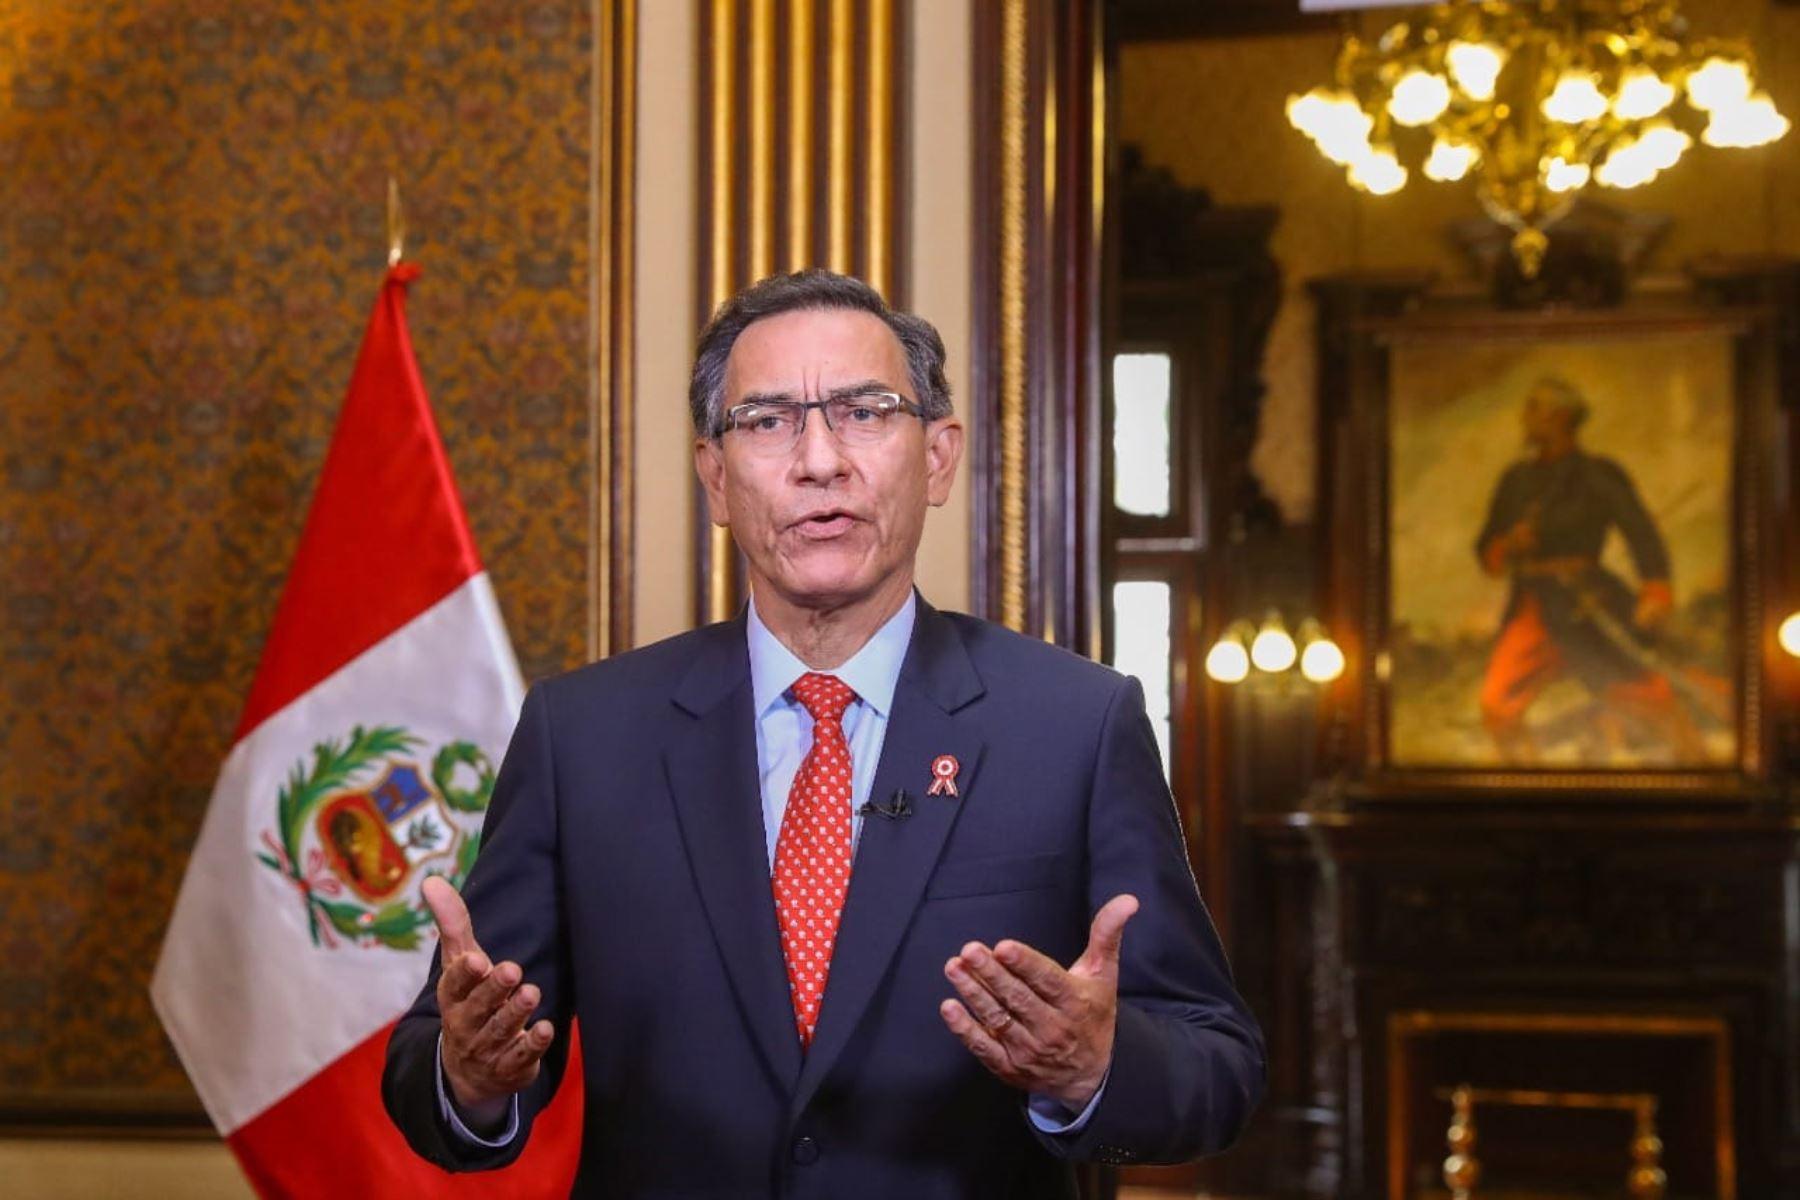 Mensaje a la Nación del presidente Martín Vizcarra